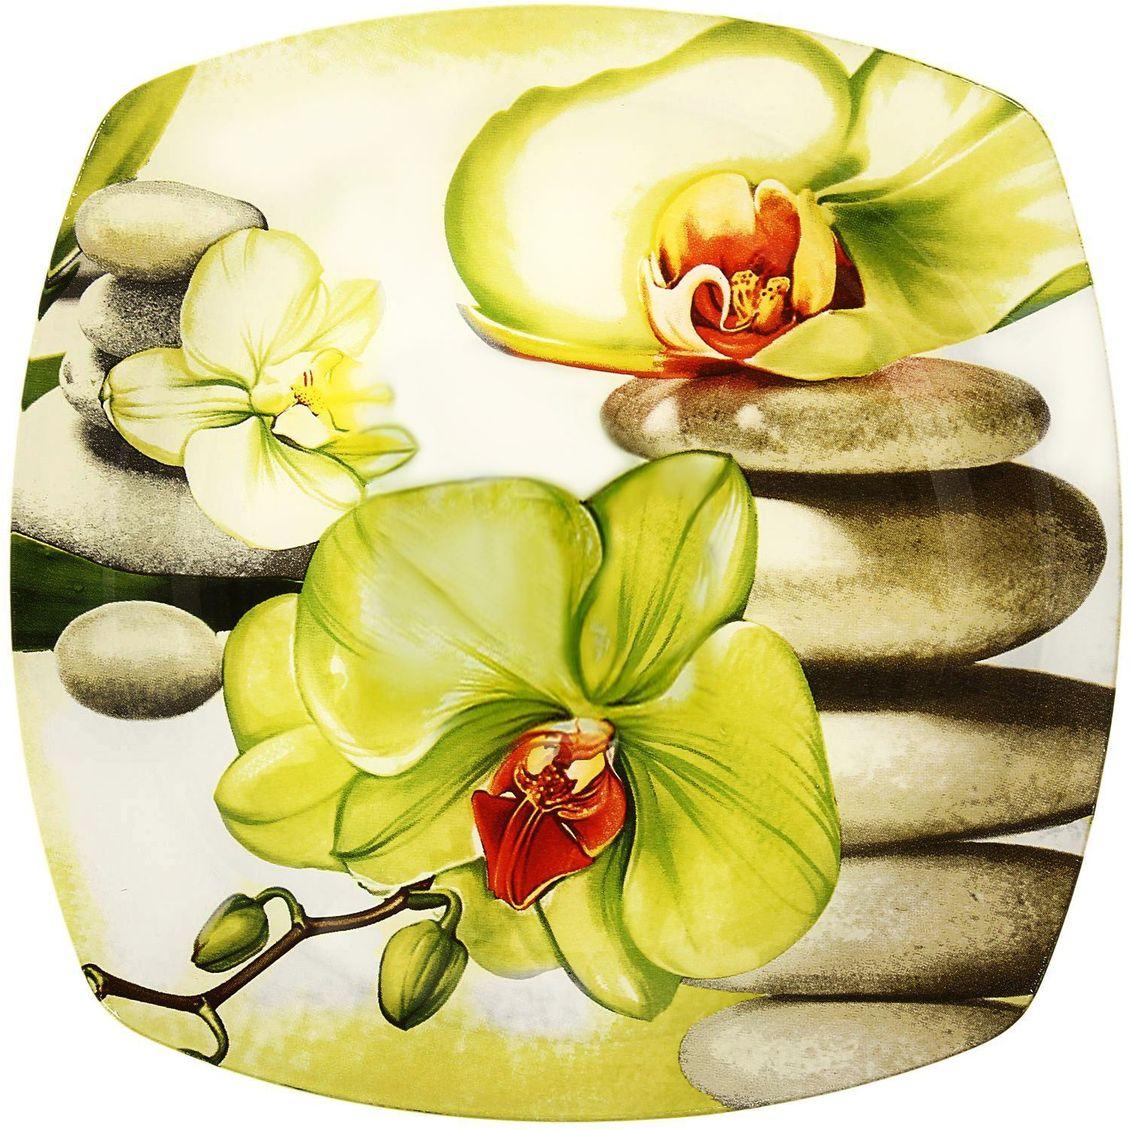 Тарелка десертная Доляна Зеленая орхидея, диаметр 20 см230519Столовая посуда с природными мотивами в оформлении разнообразит интерьер кухни и сделает застолье самобытным и запоминающимся. Достоинства: качественное стекло не впитывает запахов; гладкая поверхность обеспечивает лёгкость мытья; яркий дизайн порадует ценителей стиля фолк. Рекомендуется избегать использования абразивных моющих средств. Делайте любимый дом уютнее!